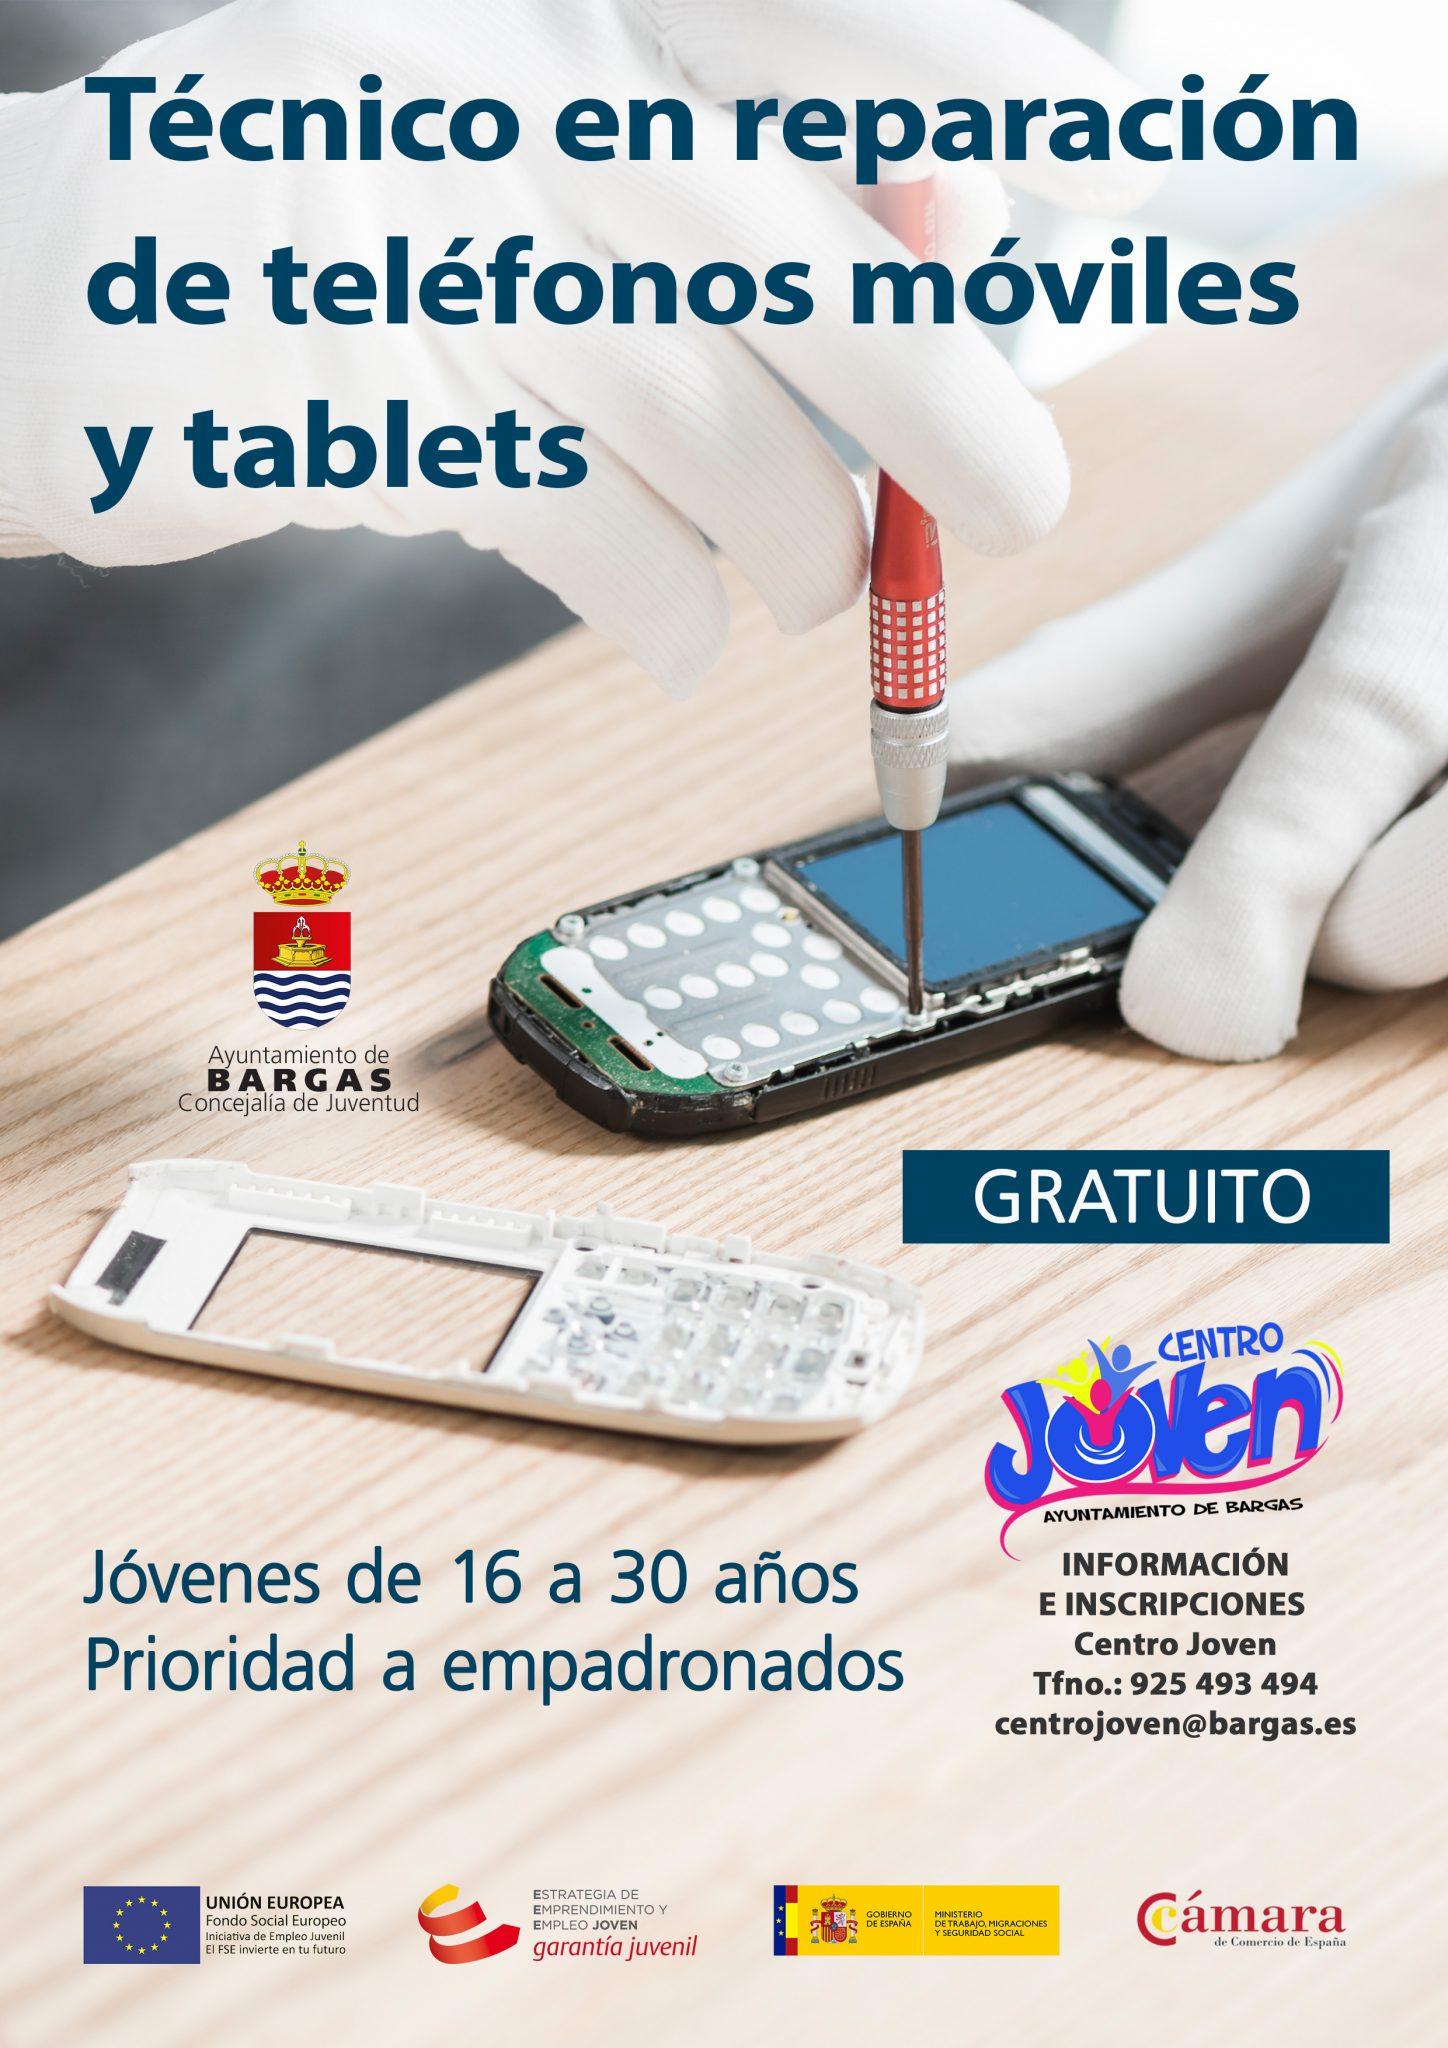 Curso: Técnico en reparación de teléfonos móviles y tablets